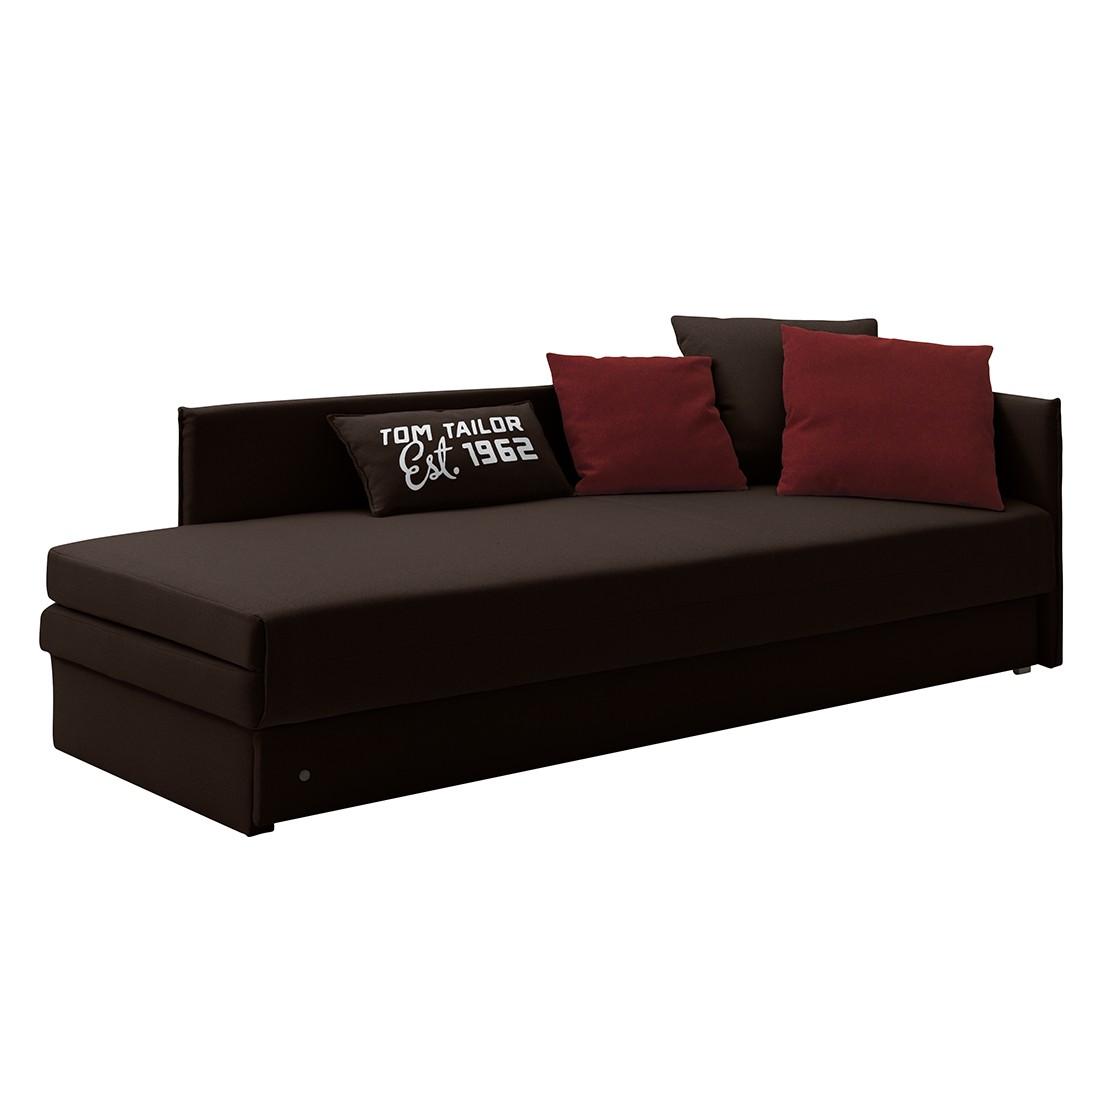 Schlafsofa Guest – Strukturstoff – Armlehne davorstehend rechts – Braun – 4 Kissen, Tom Tailor online bestellen